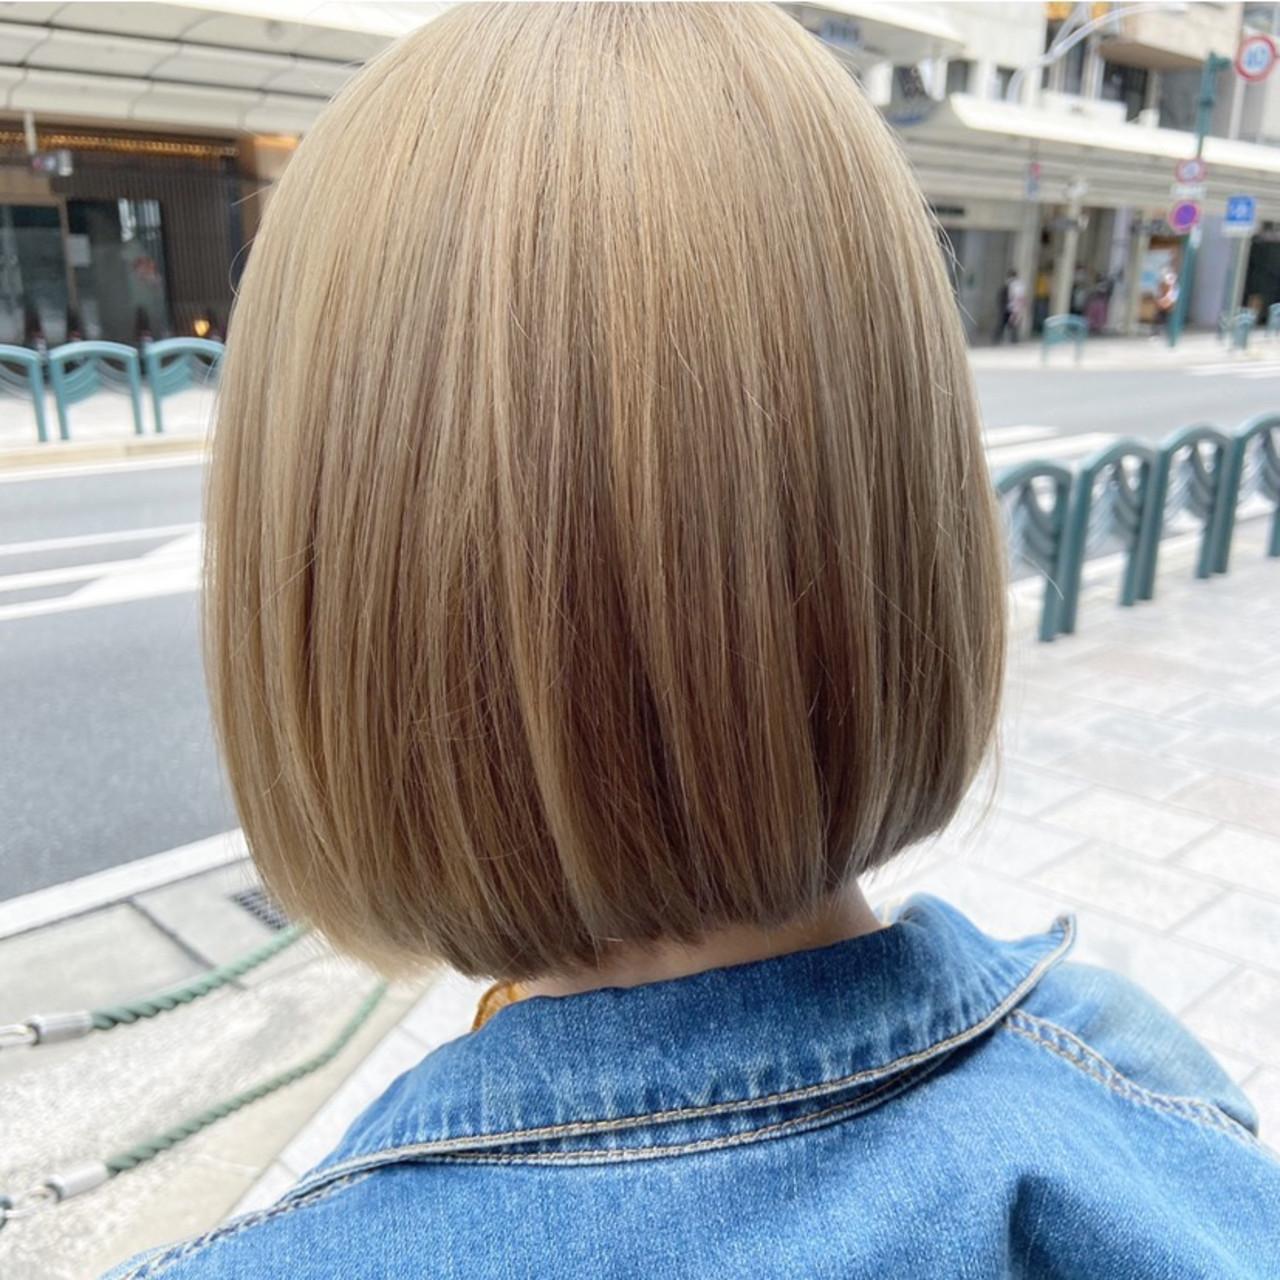 アッシュグレージュ ナチュラル グレージュ ホワイトブリーチ ヘアスタイルや髪型の写真・画像